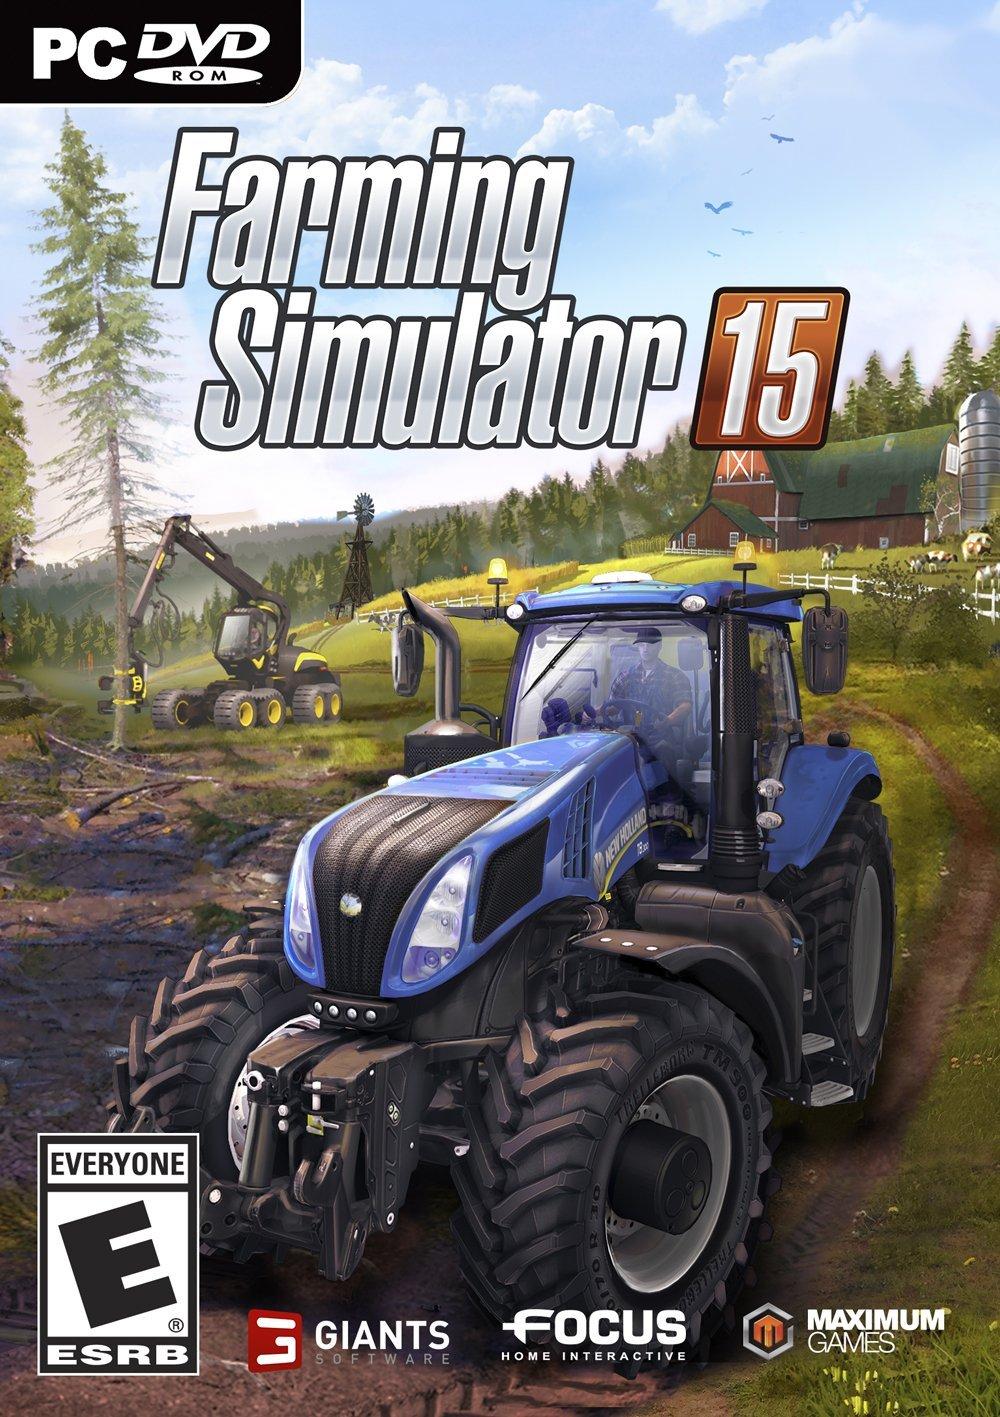 farming simulator download free full version 2013